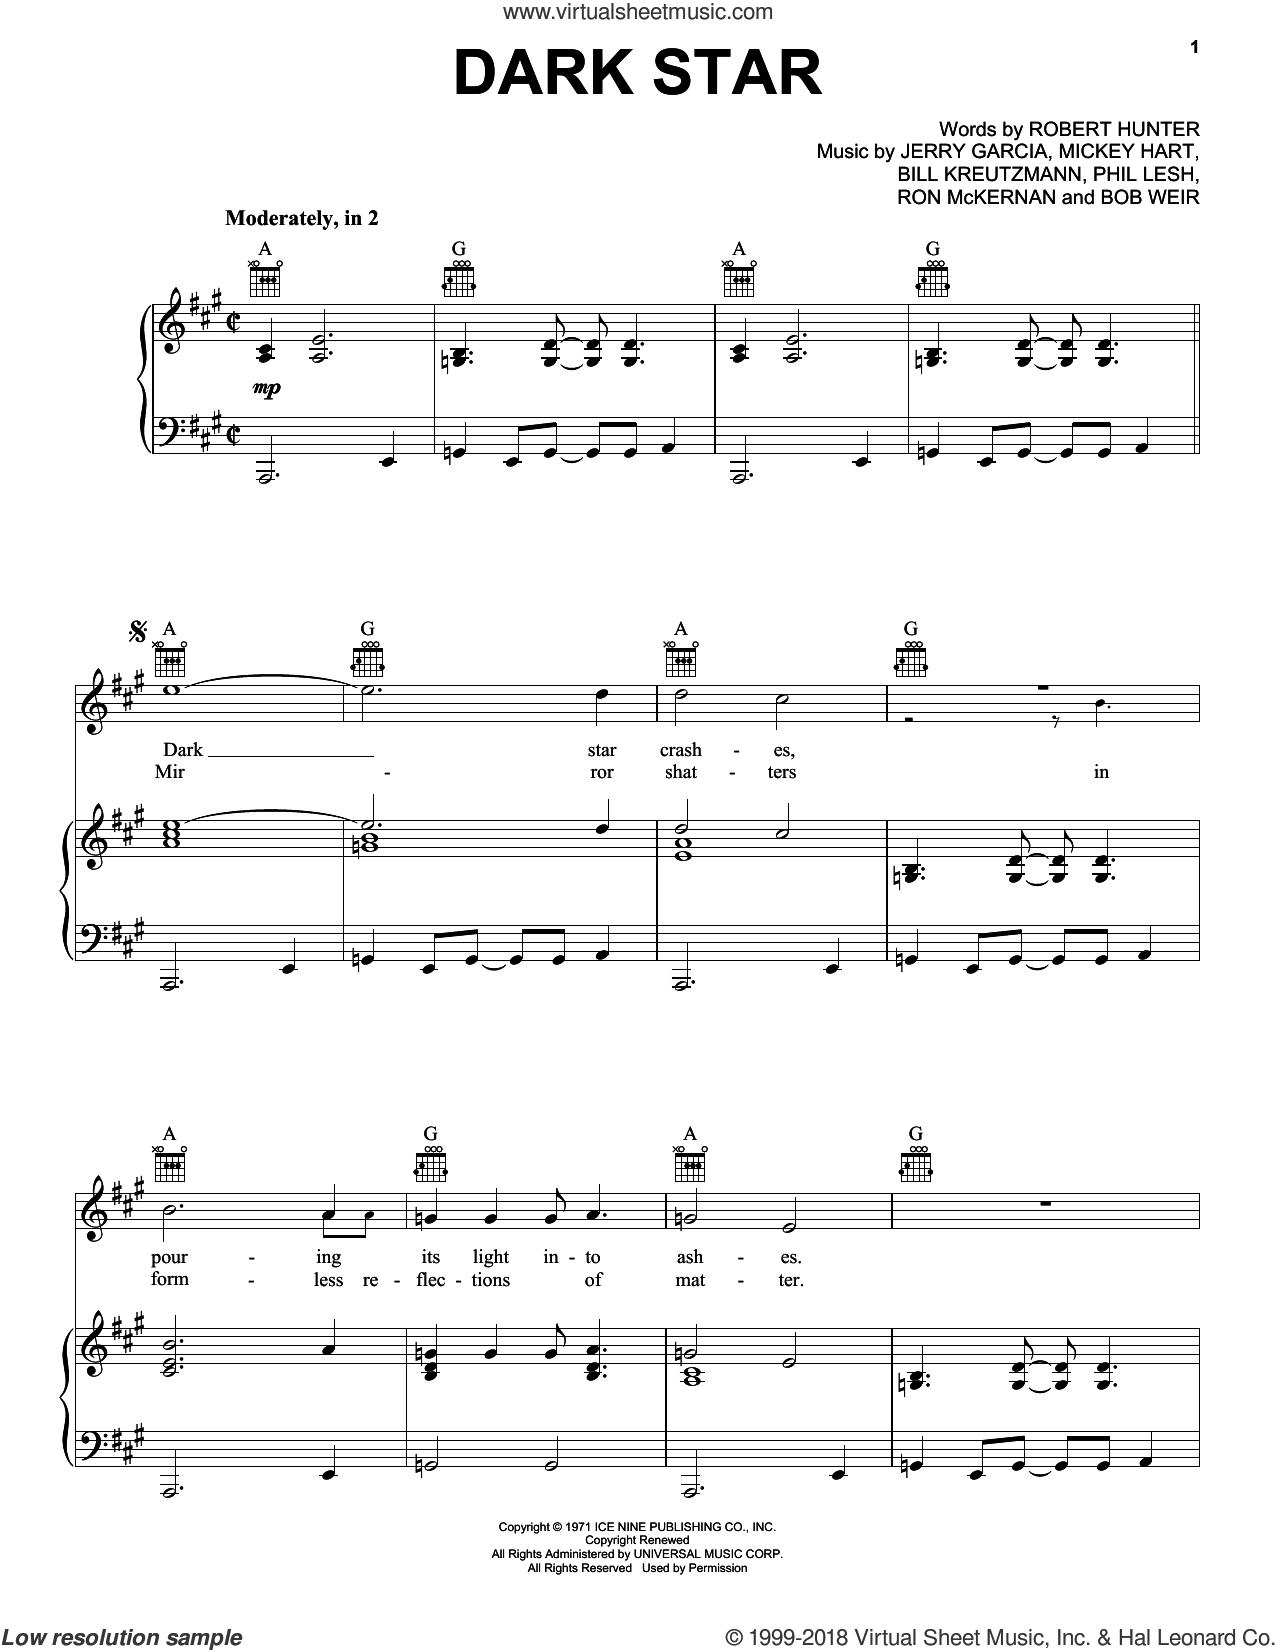 Dark Star sheet music for voice, piano or guitar by Grateful Dead, Bill Kreutzmann, Bob Weir, Jerry Garcia, Mickey Hart, Phil Lesh, Robert Hunter and Ron McKernan, intermediate skill level